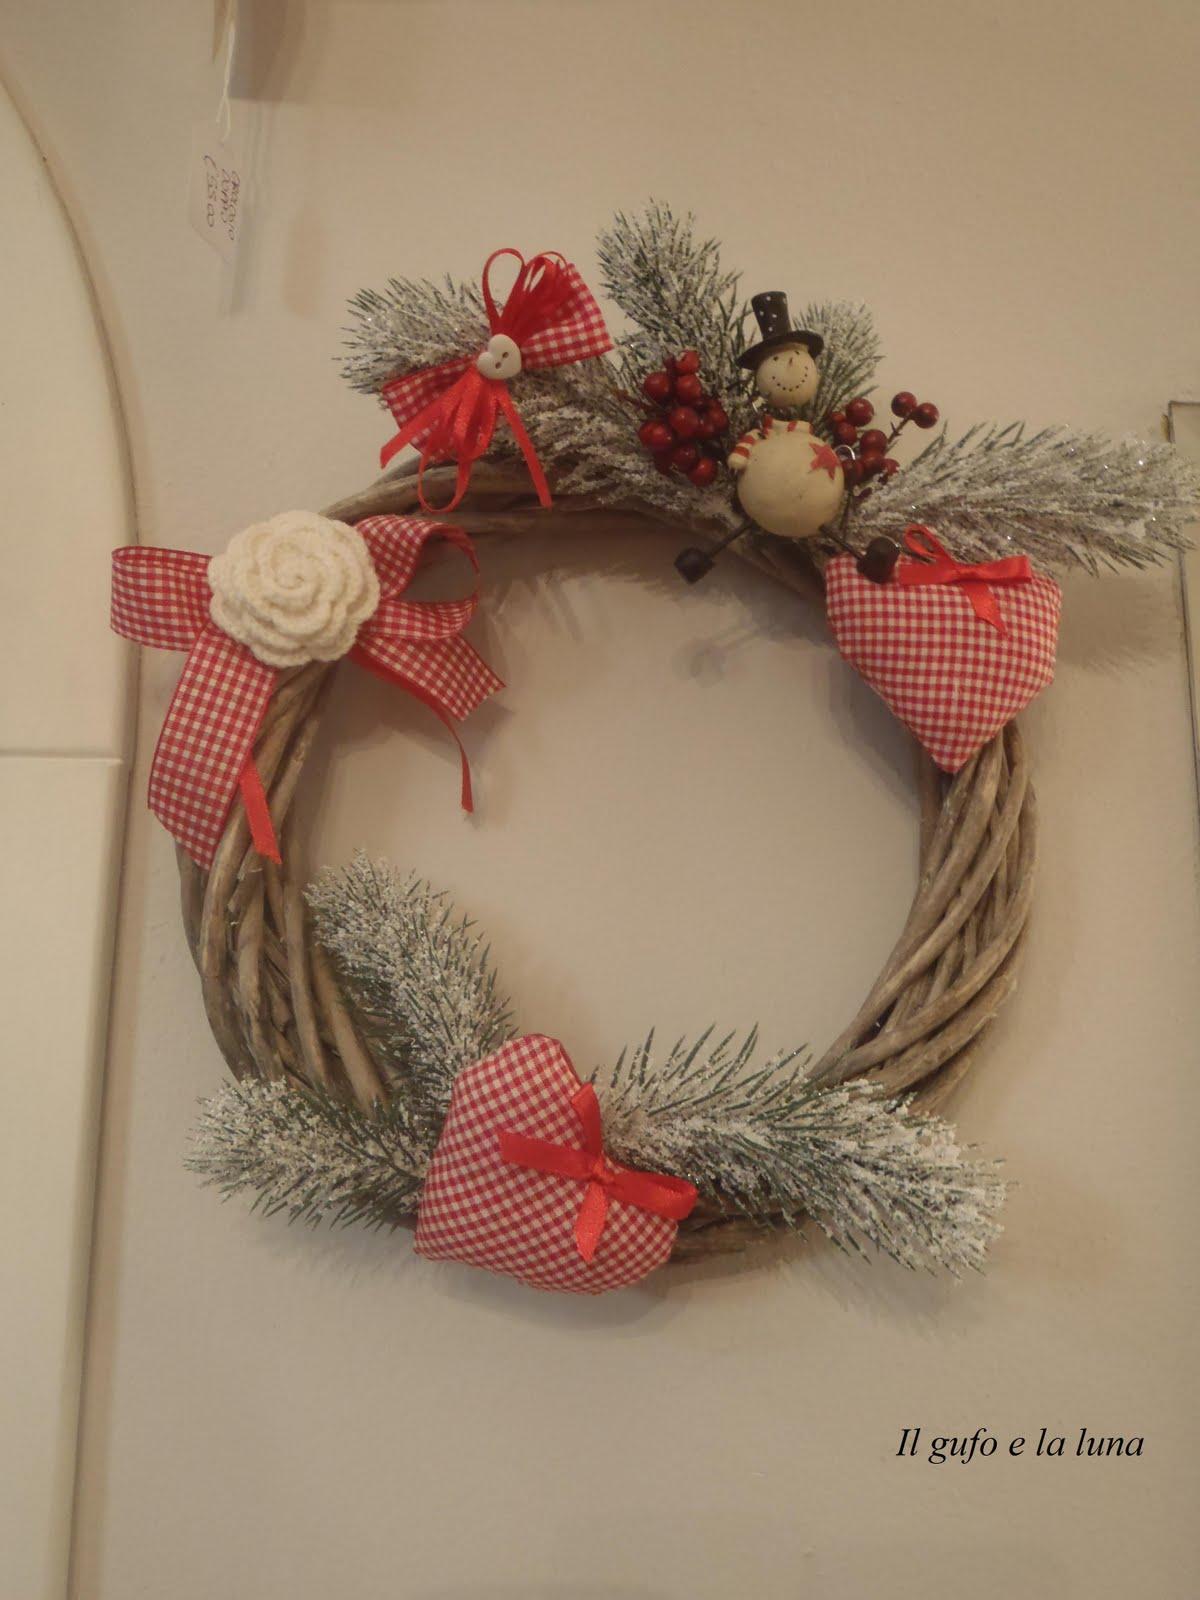 Conosciuto Il Gufo e la Luna shabby chic & country style: Ghirlande di Natale  RD69